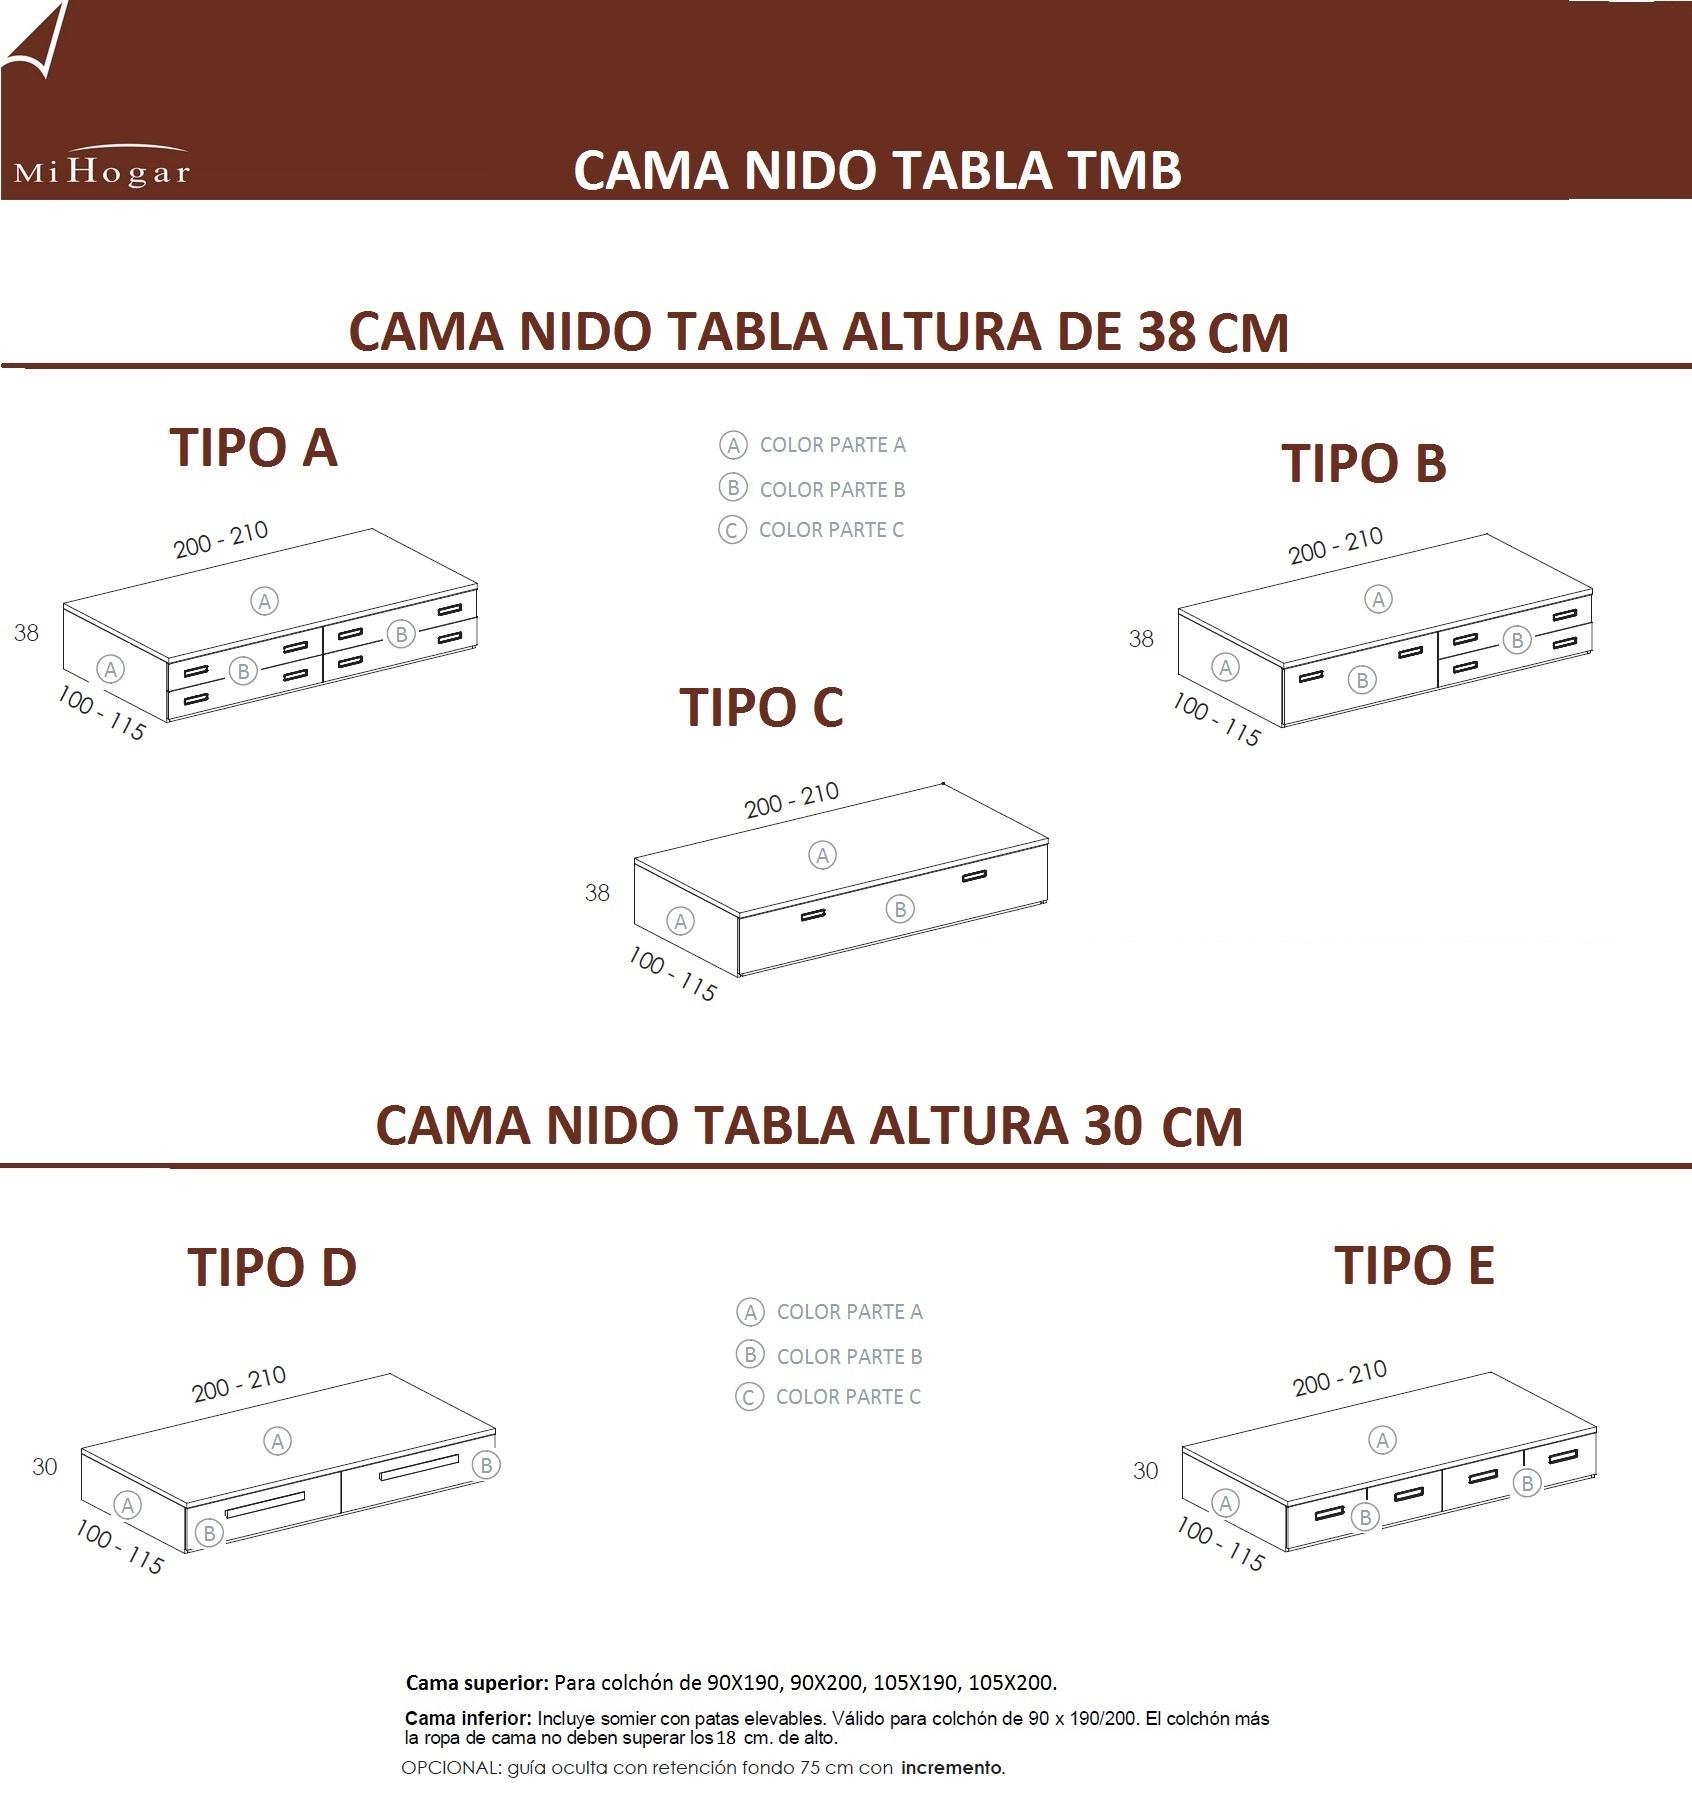 CAMA NIDO TABLA TMB | MUEBLES MI HOGAR